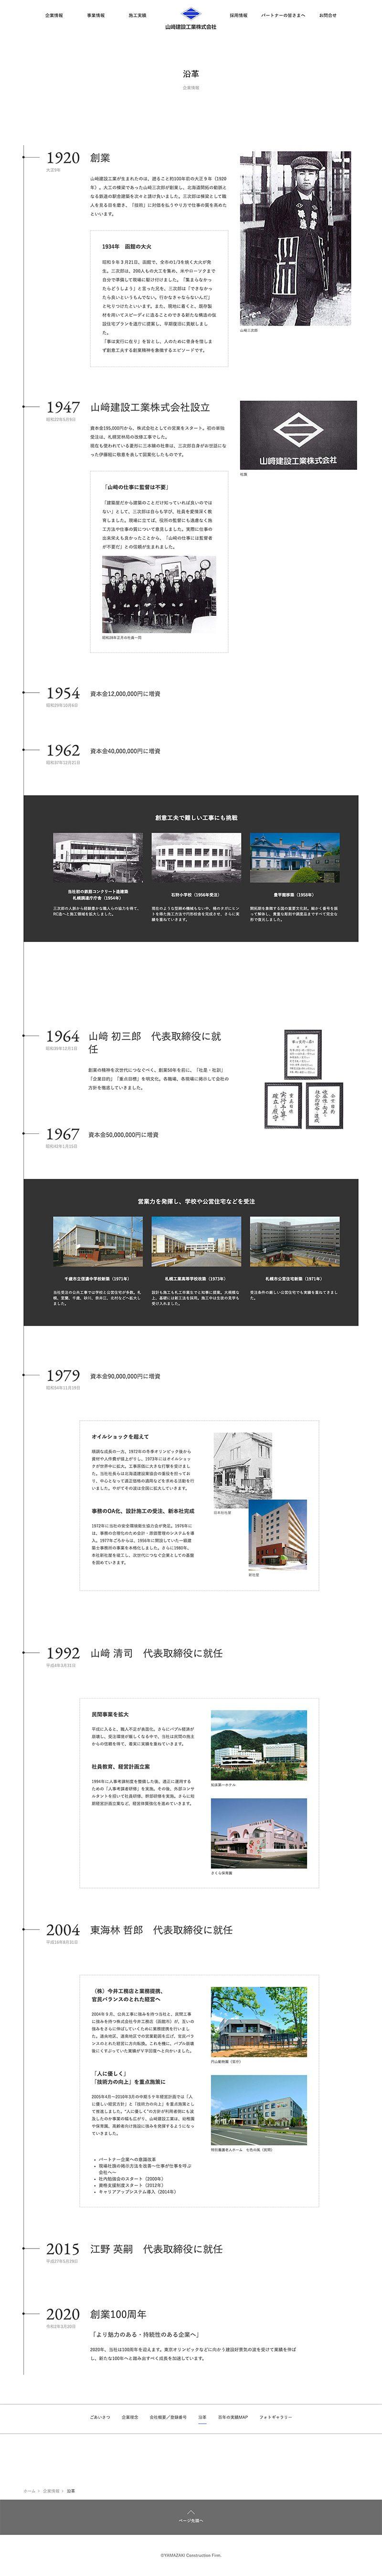 山﨑建設工業様コーポレートサイト|100年の歴史